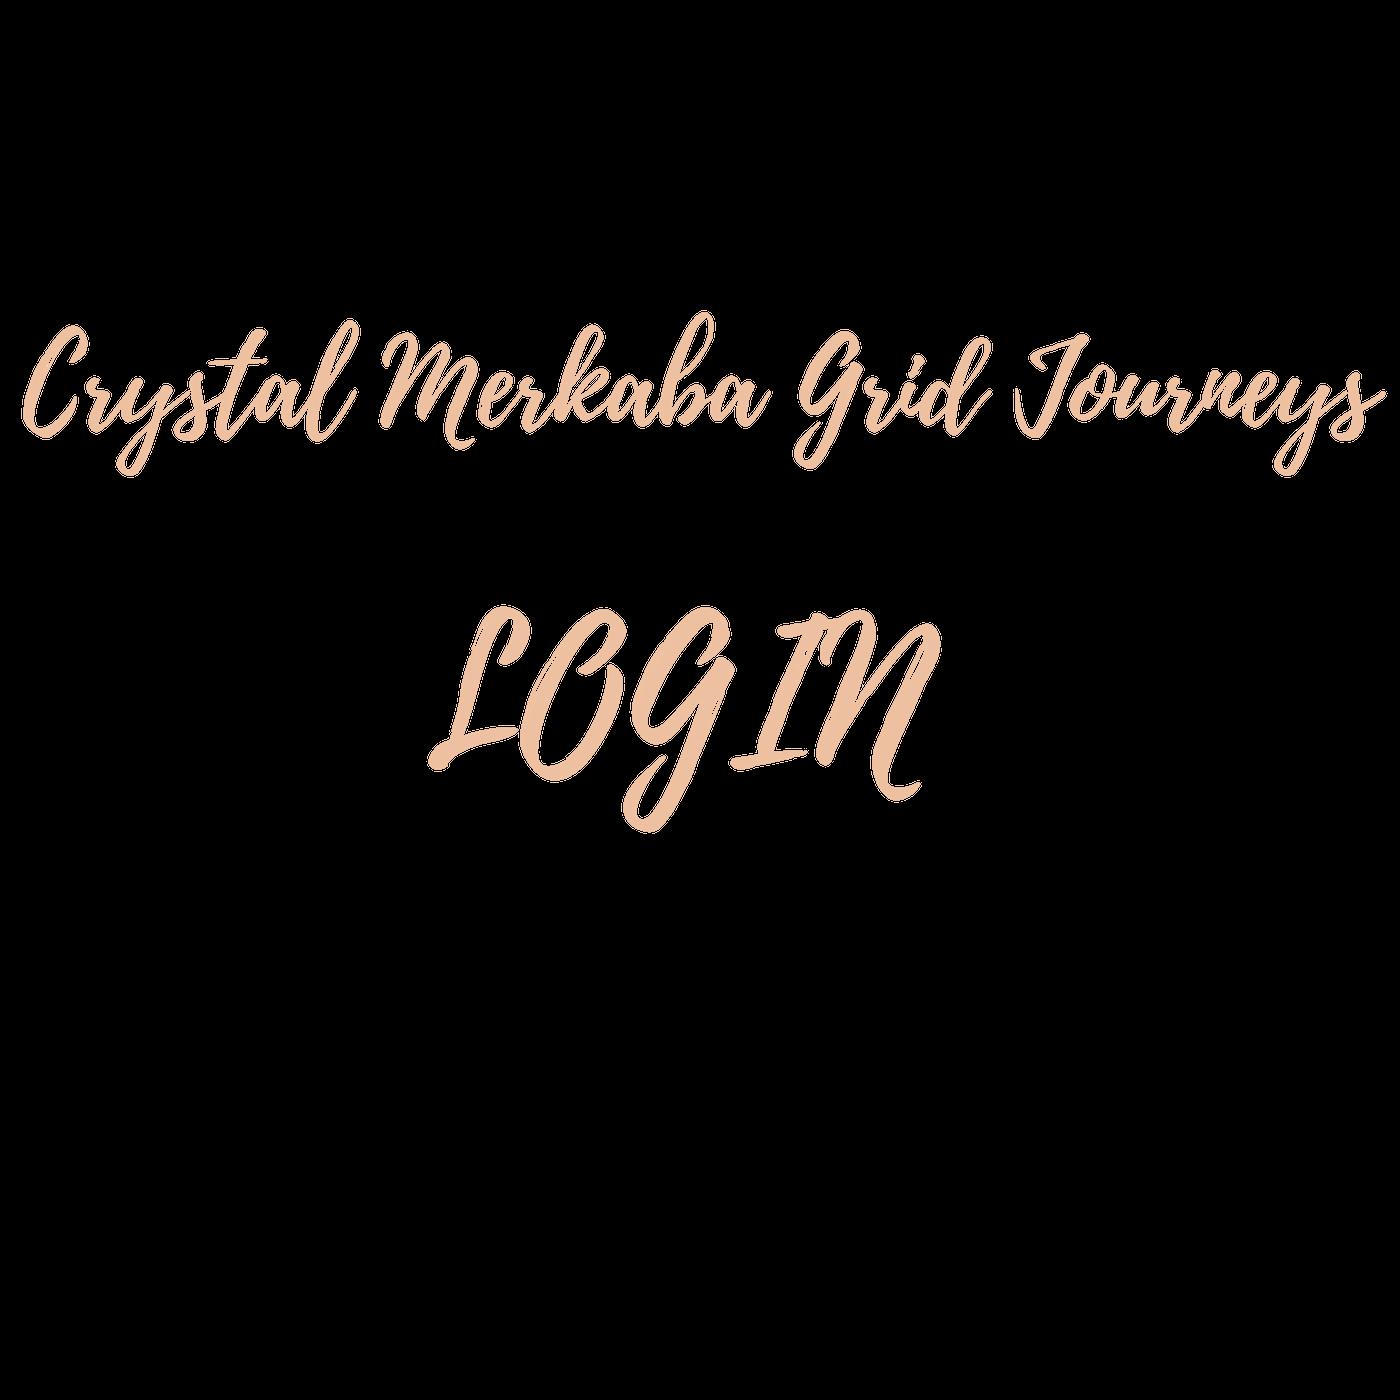 Copy of Online Journeys.png